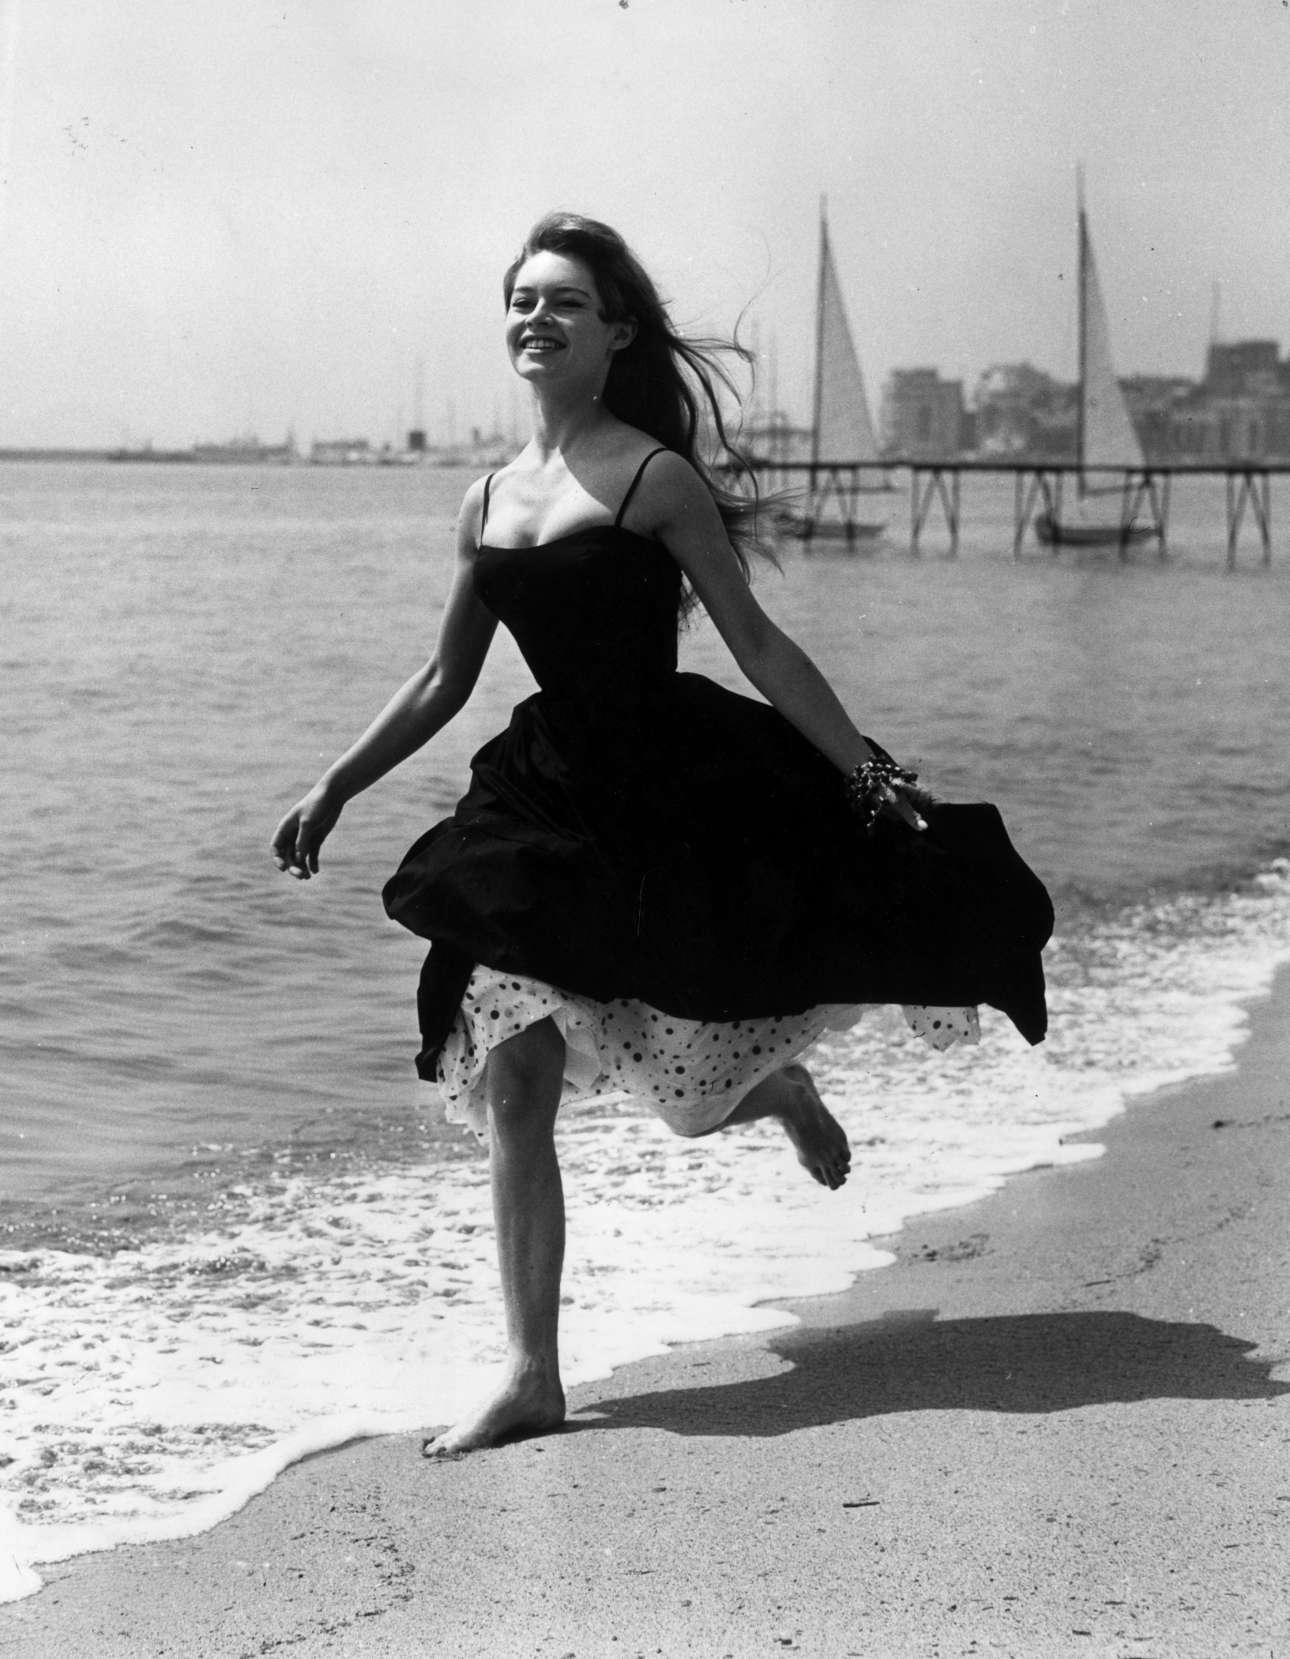 Είναι Απρίλιος 1956 και ο Θεός έχει πλάσει την Μπριζίτ Μπαρντό. Η 21χρονη Γαλλιδούλα τρέχει ξυπόλητη στην παραλία των Καννών χαρίζοντας μια από τις πιο εμβληματικές φωτογραφίες του φεστιβάλ αλλά και του παγκόσμιου σινεμά